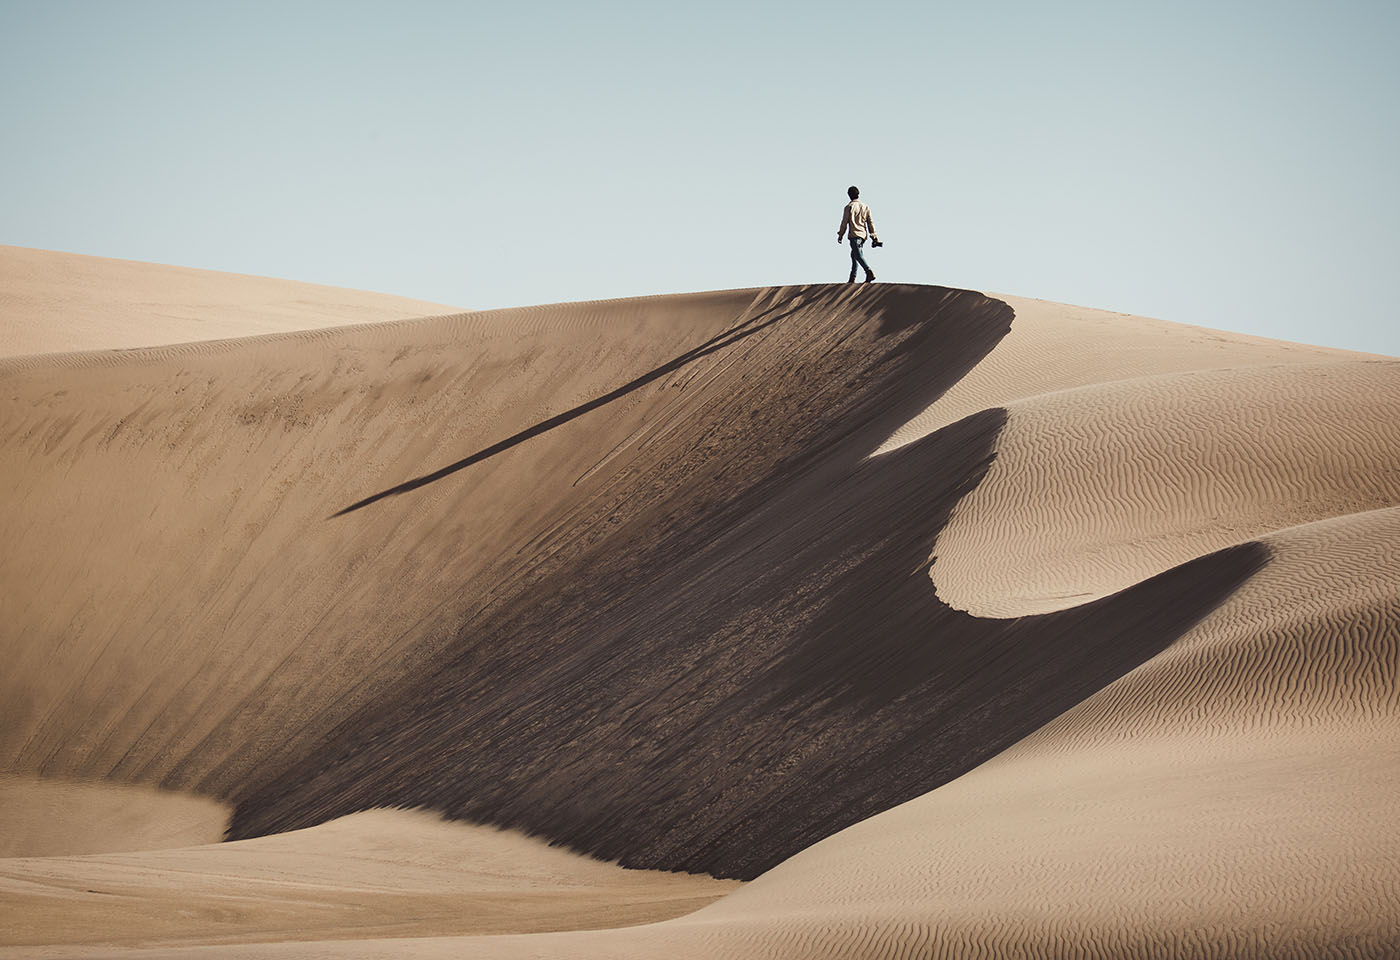 Landscape image of man on sand dunes